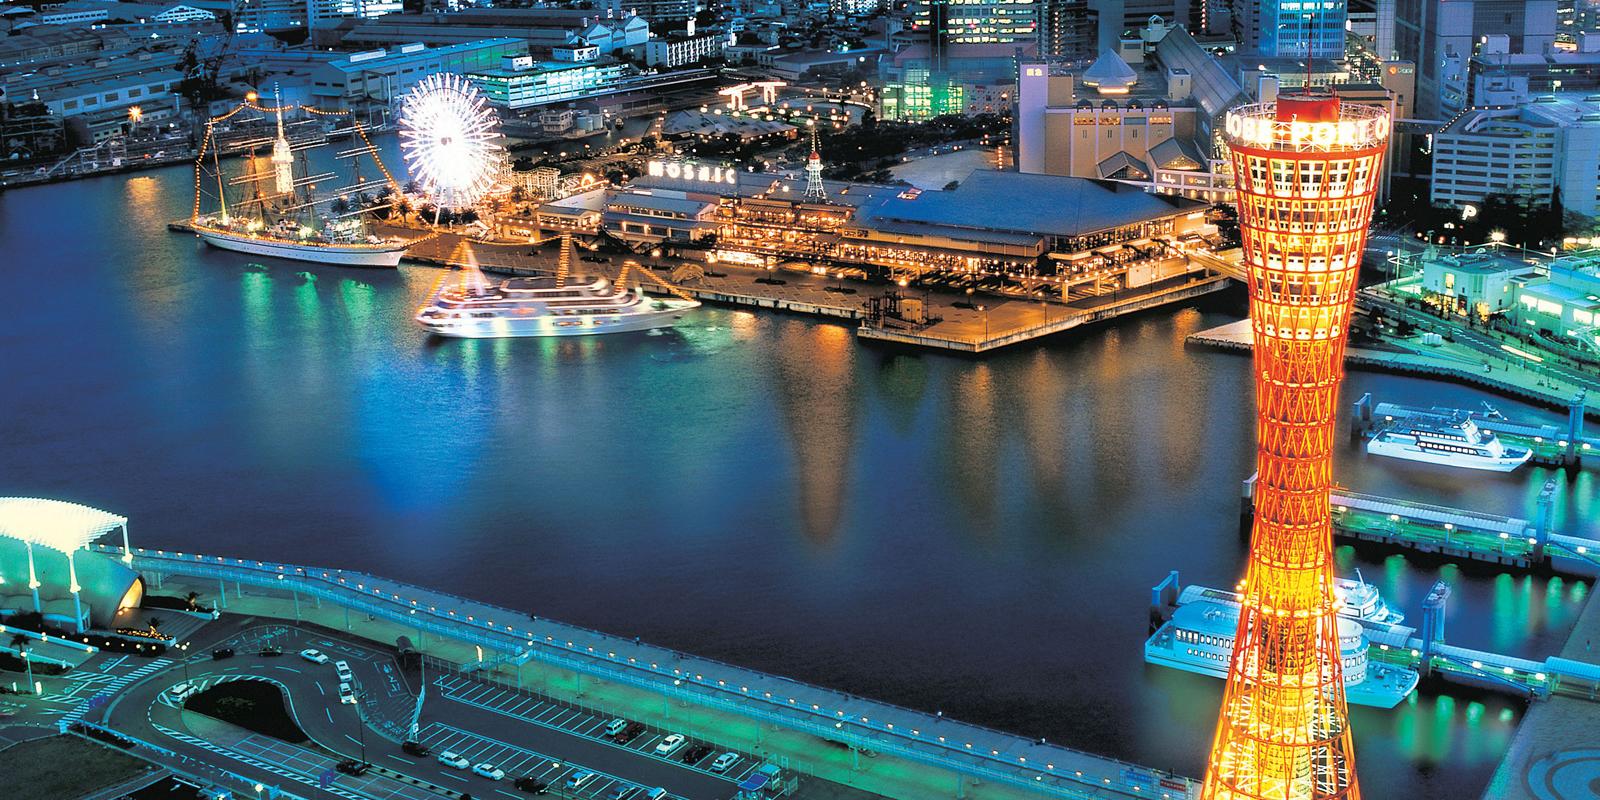 神戸の観光おすすめスポット!子供が楽しめる人気の場所から穴場までご紹介!